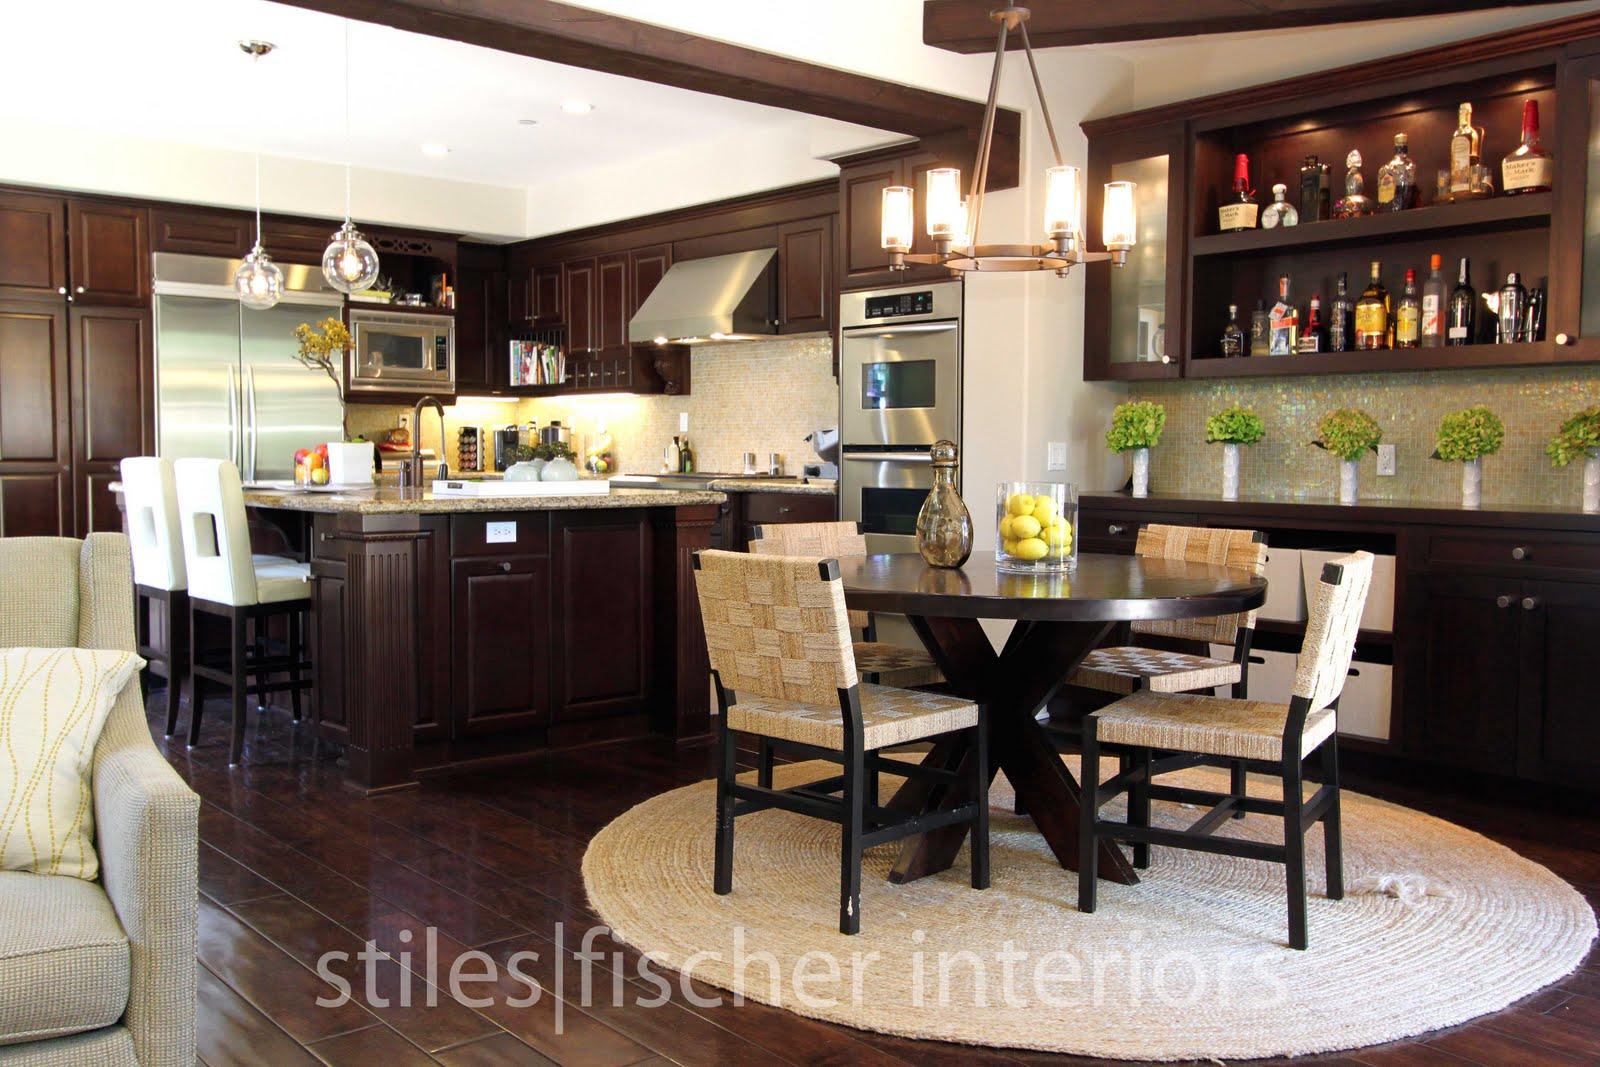 Stiles fischer interior design before and after ladera for Elegant kitchen designs